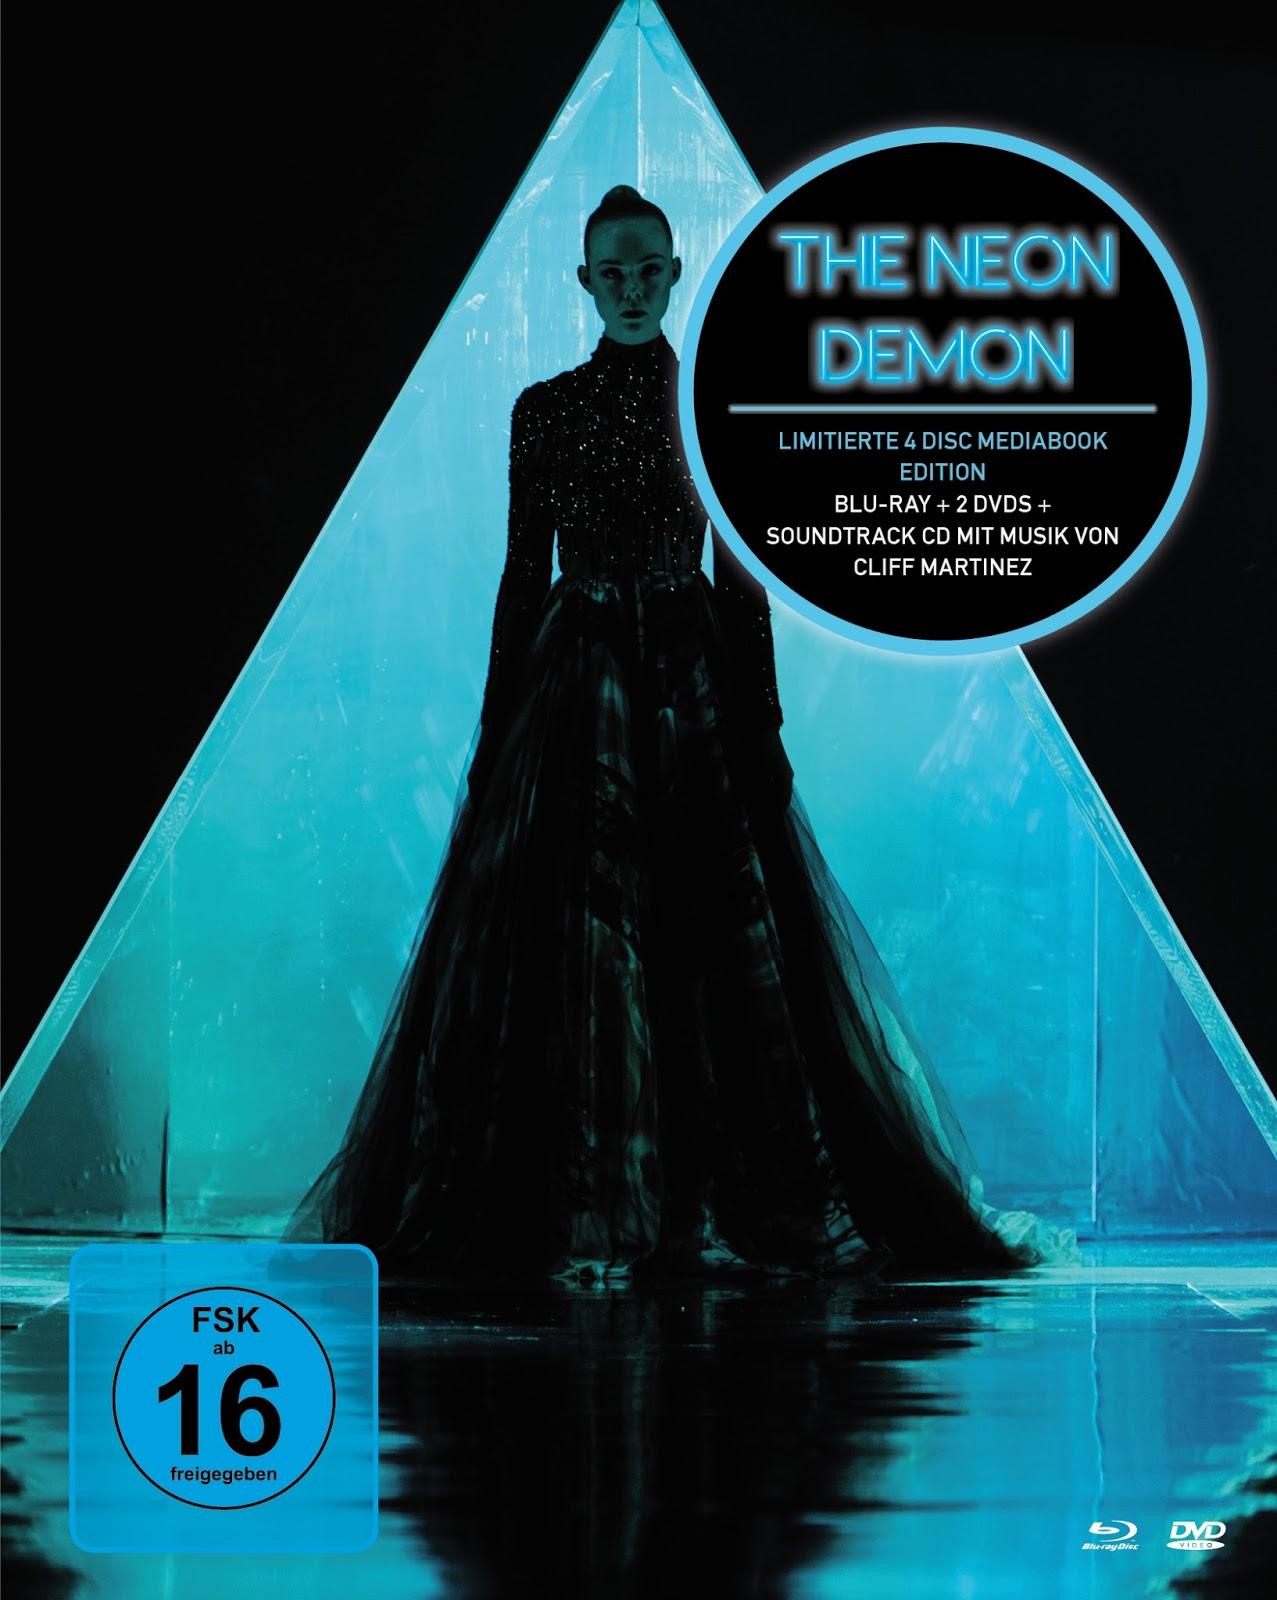 6 Strings 24 Frames: Nicolas Winding Refns THE NEON DEMON Mediabook